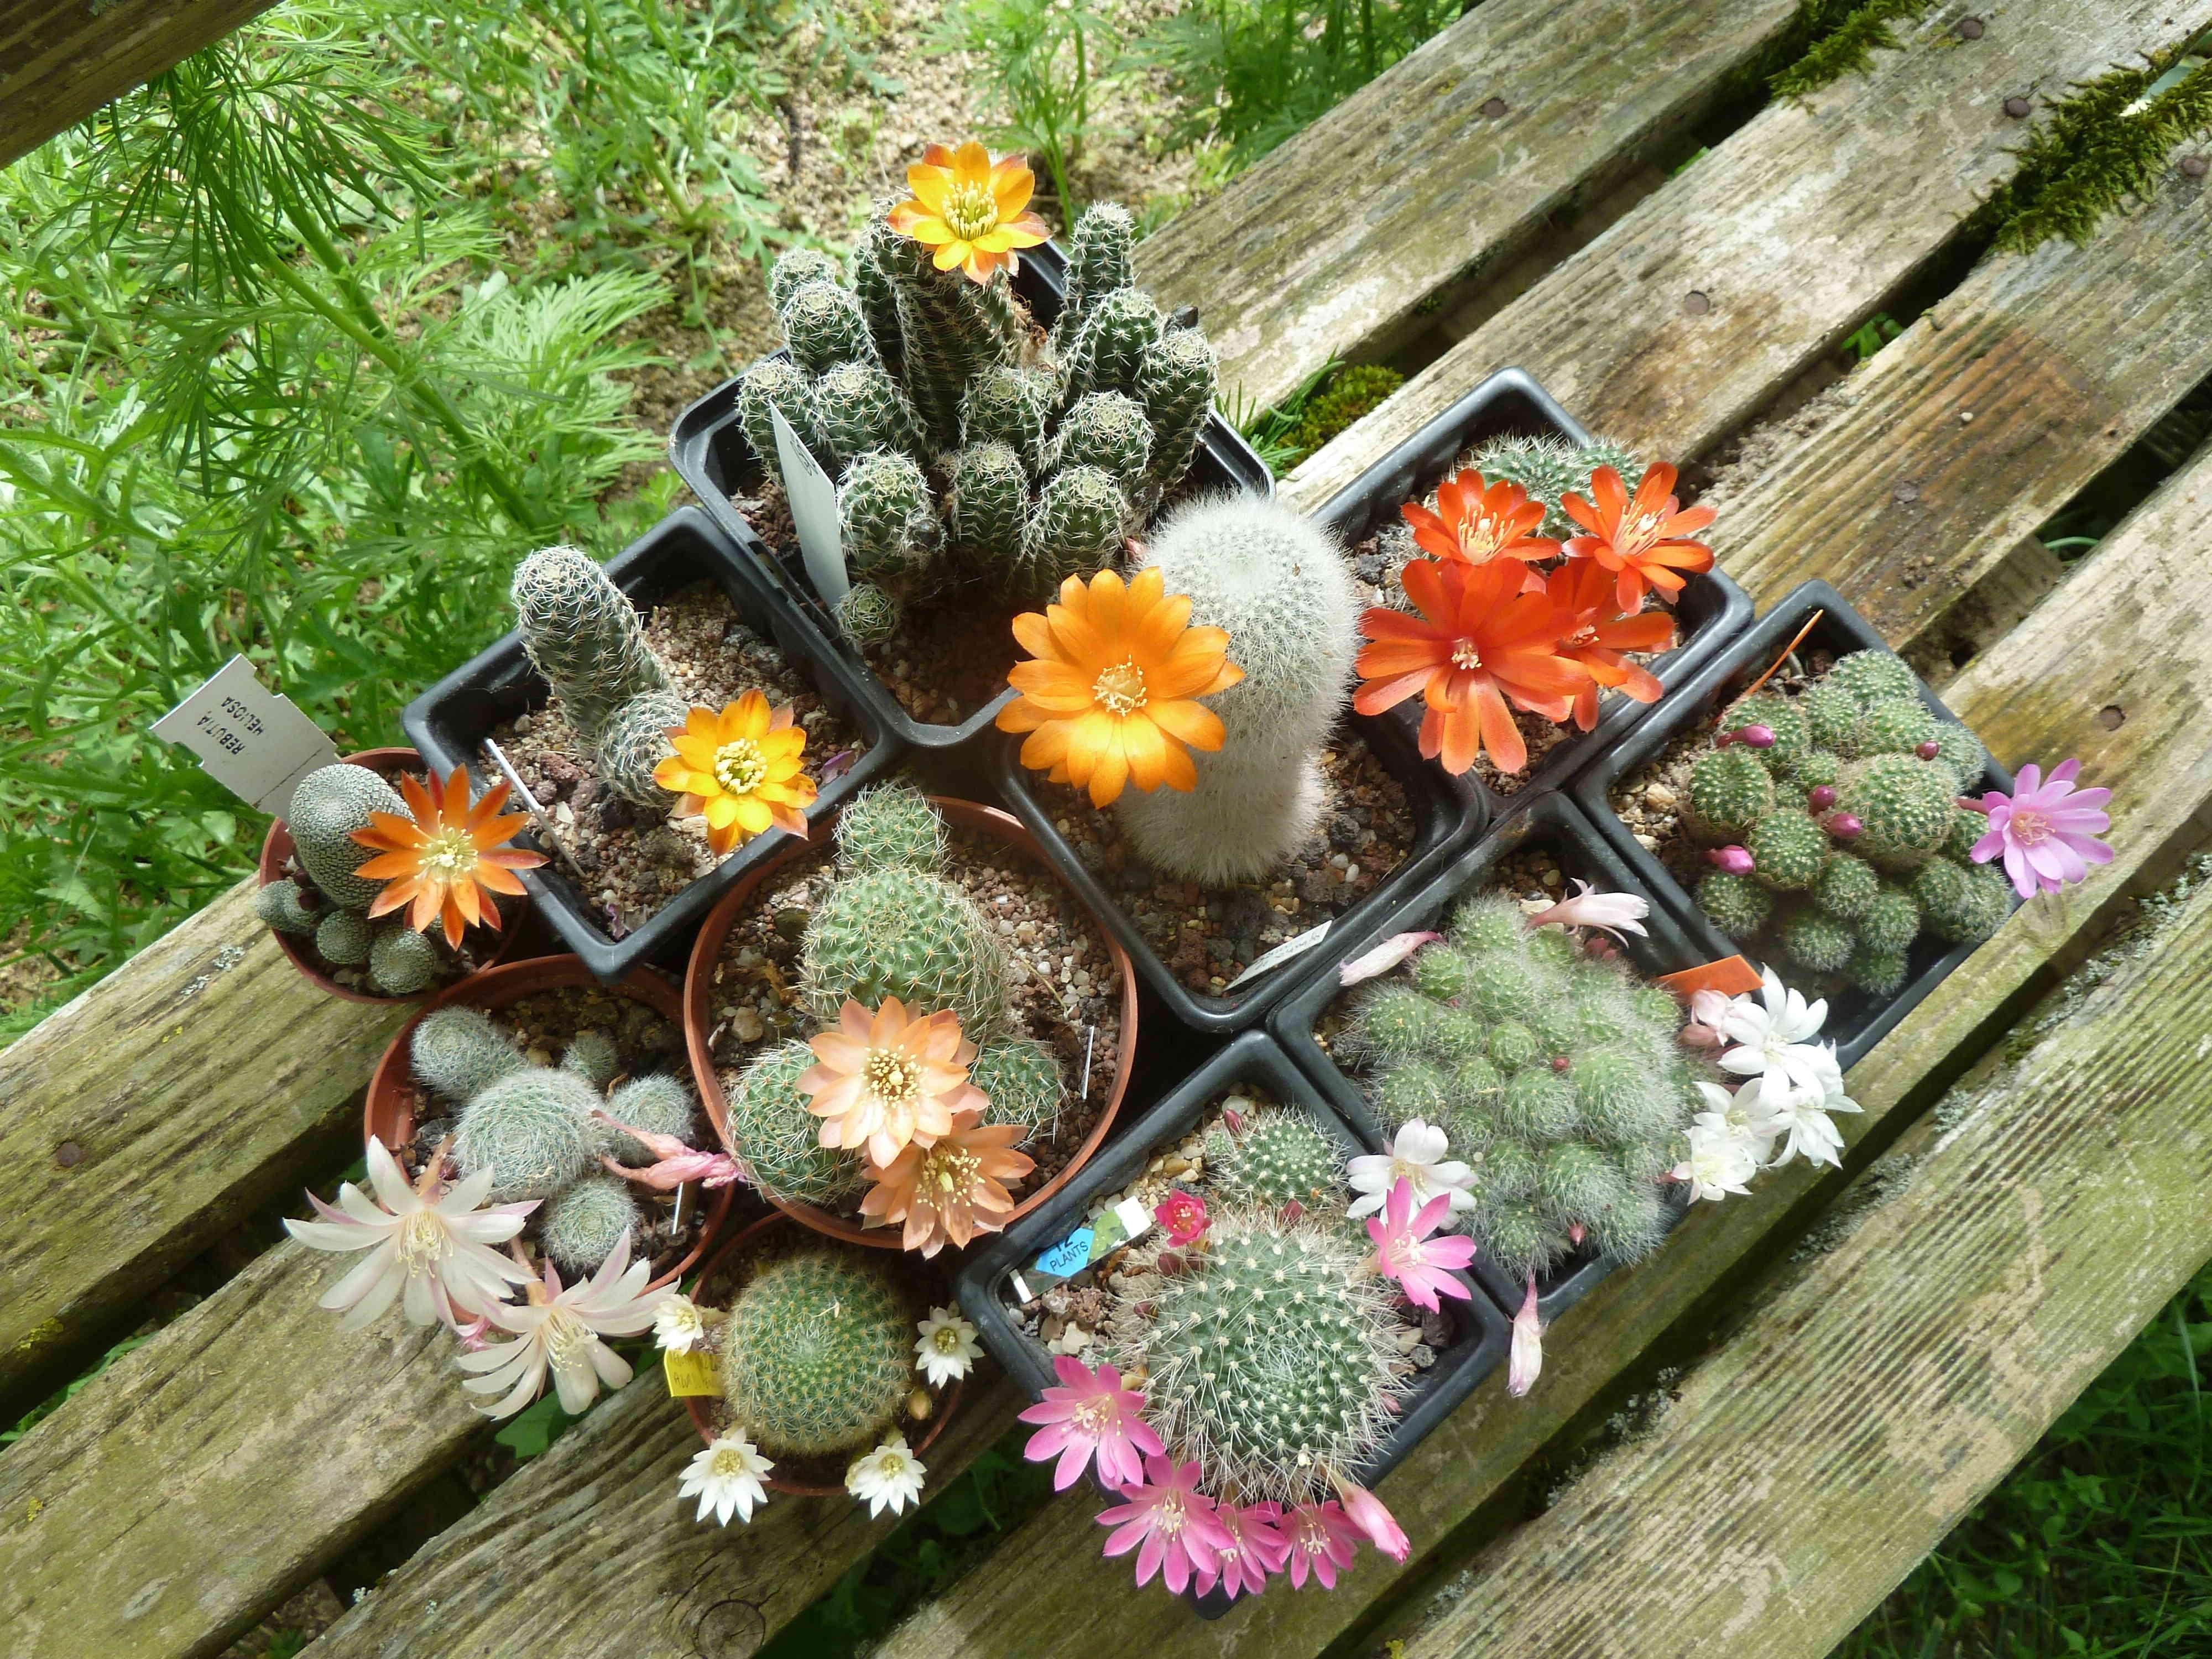 les jardins sont beaux en mai ! - Page 5 20180594